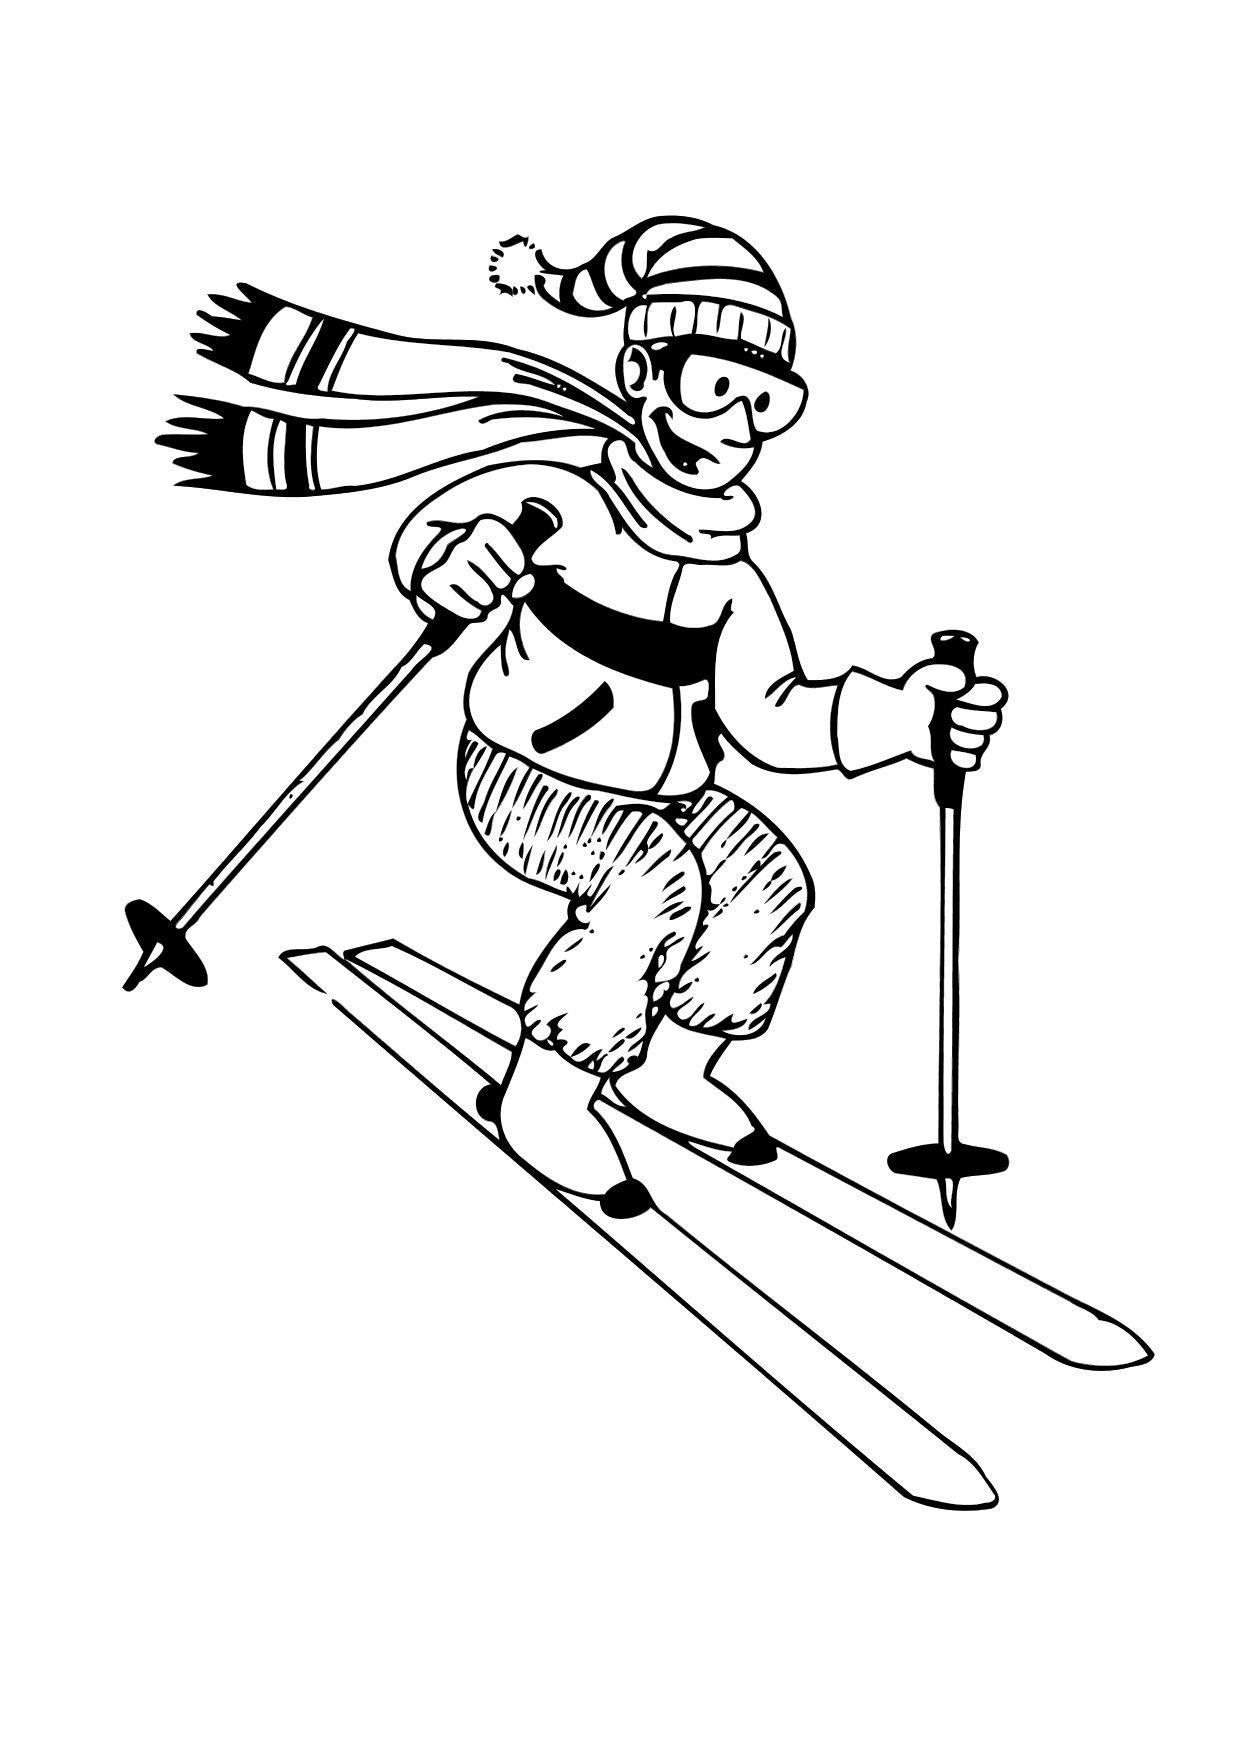 Malvorlage Skifahren | Ausmalbild 12170.